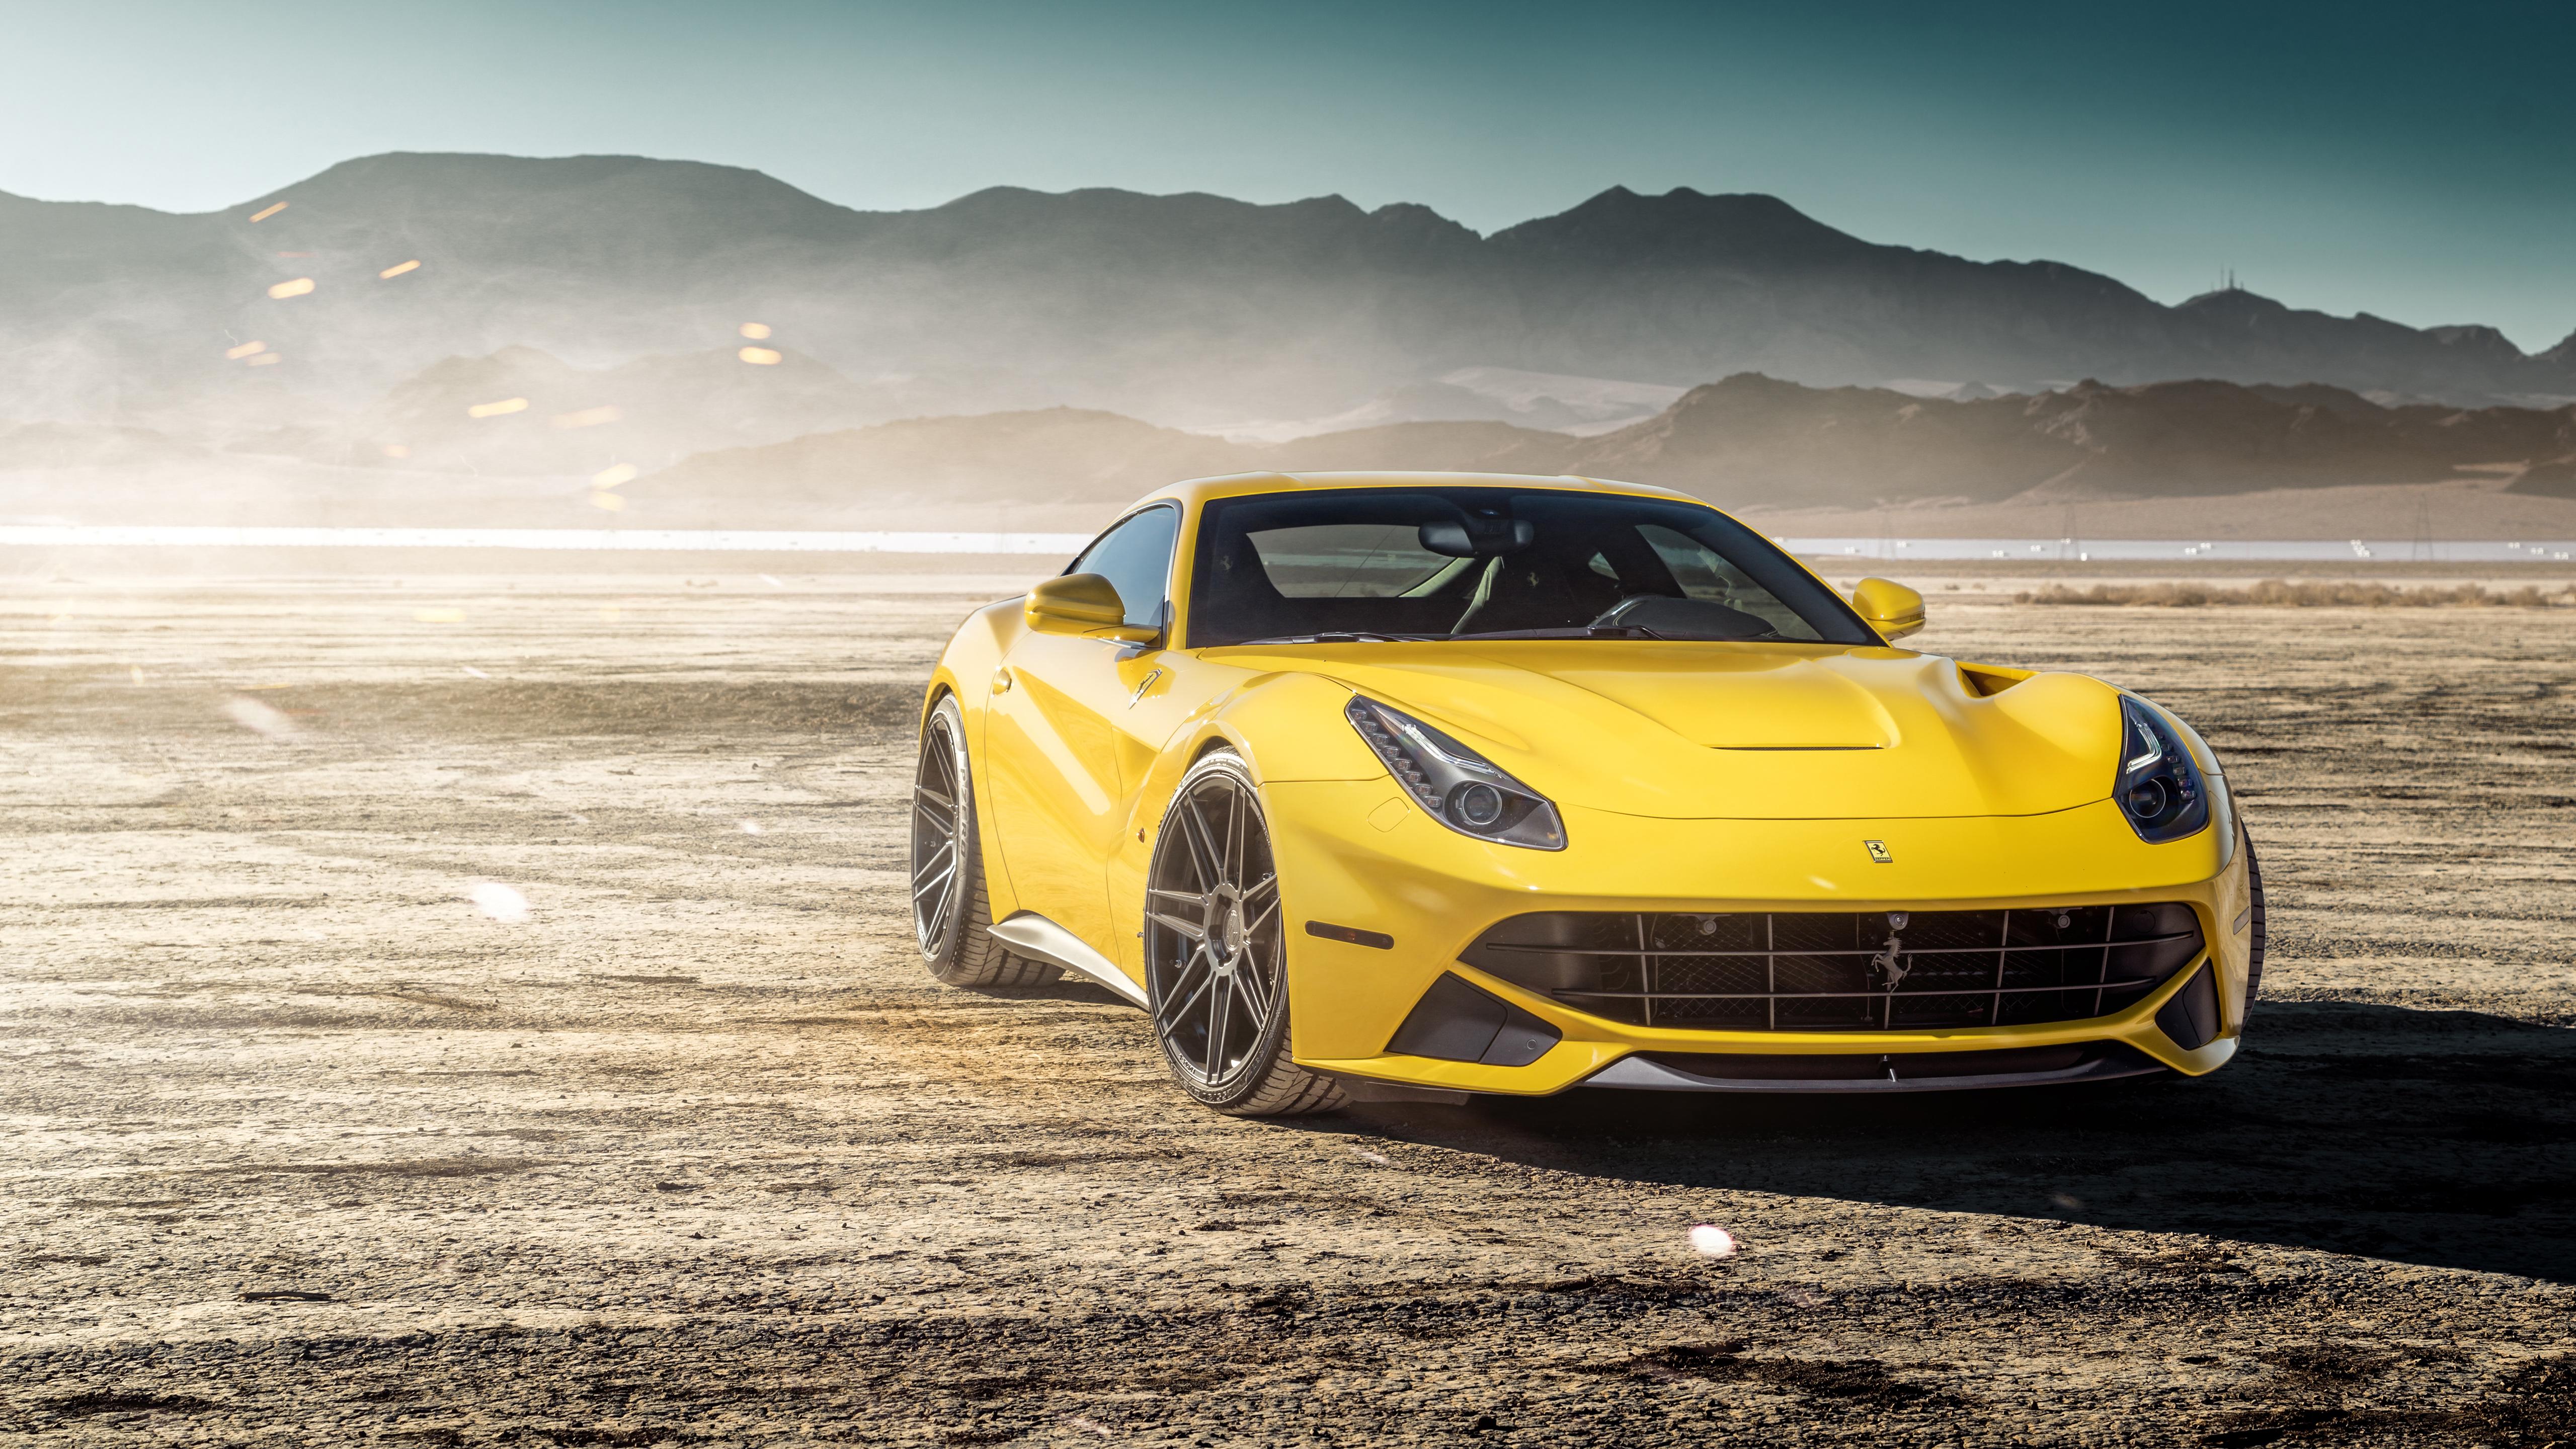 Ferrada Sema Yellow Ferrari F12 5k Wallpaper Hd Car Wallpapers Id 9477